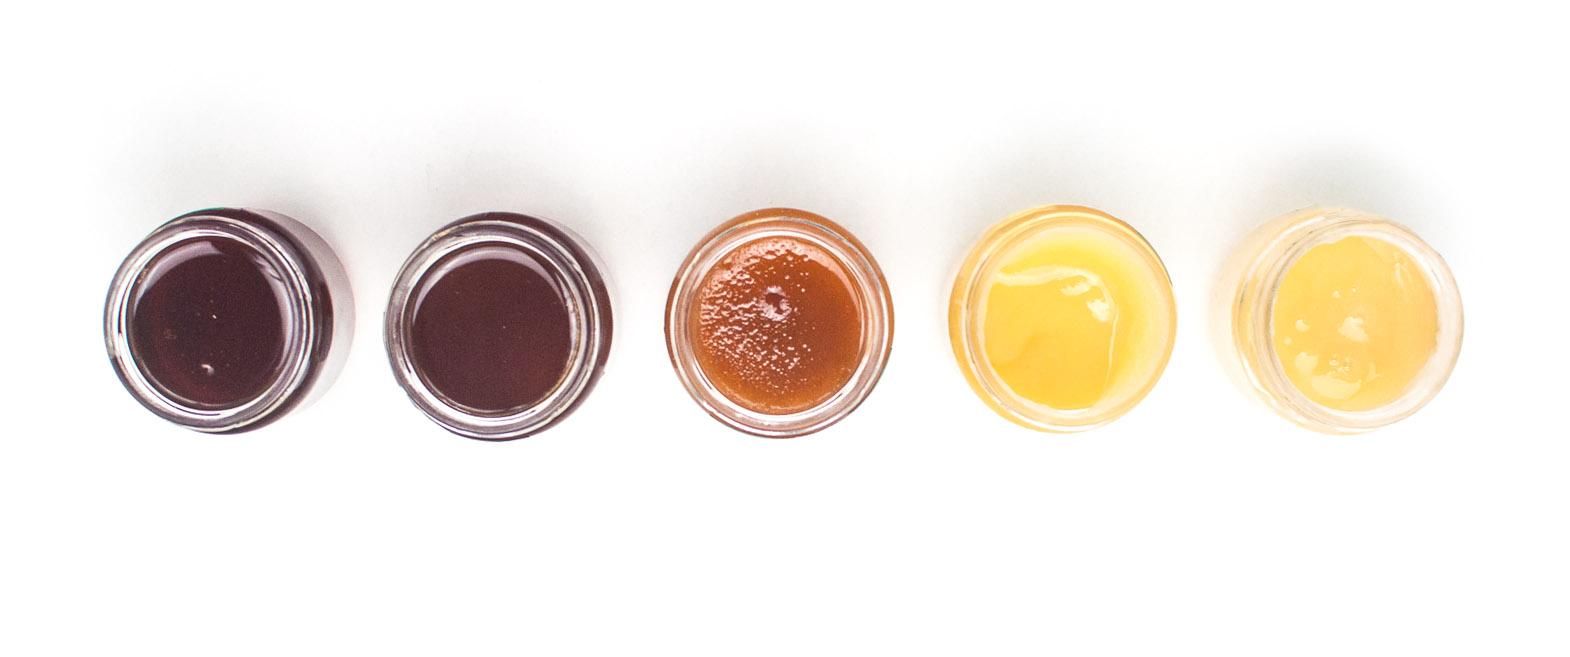 Honig - gebackene Feigen mit Schafskäse-Honig Crumble http://wp.me/p6GO5w-10p